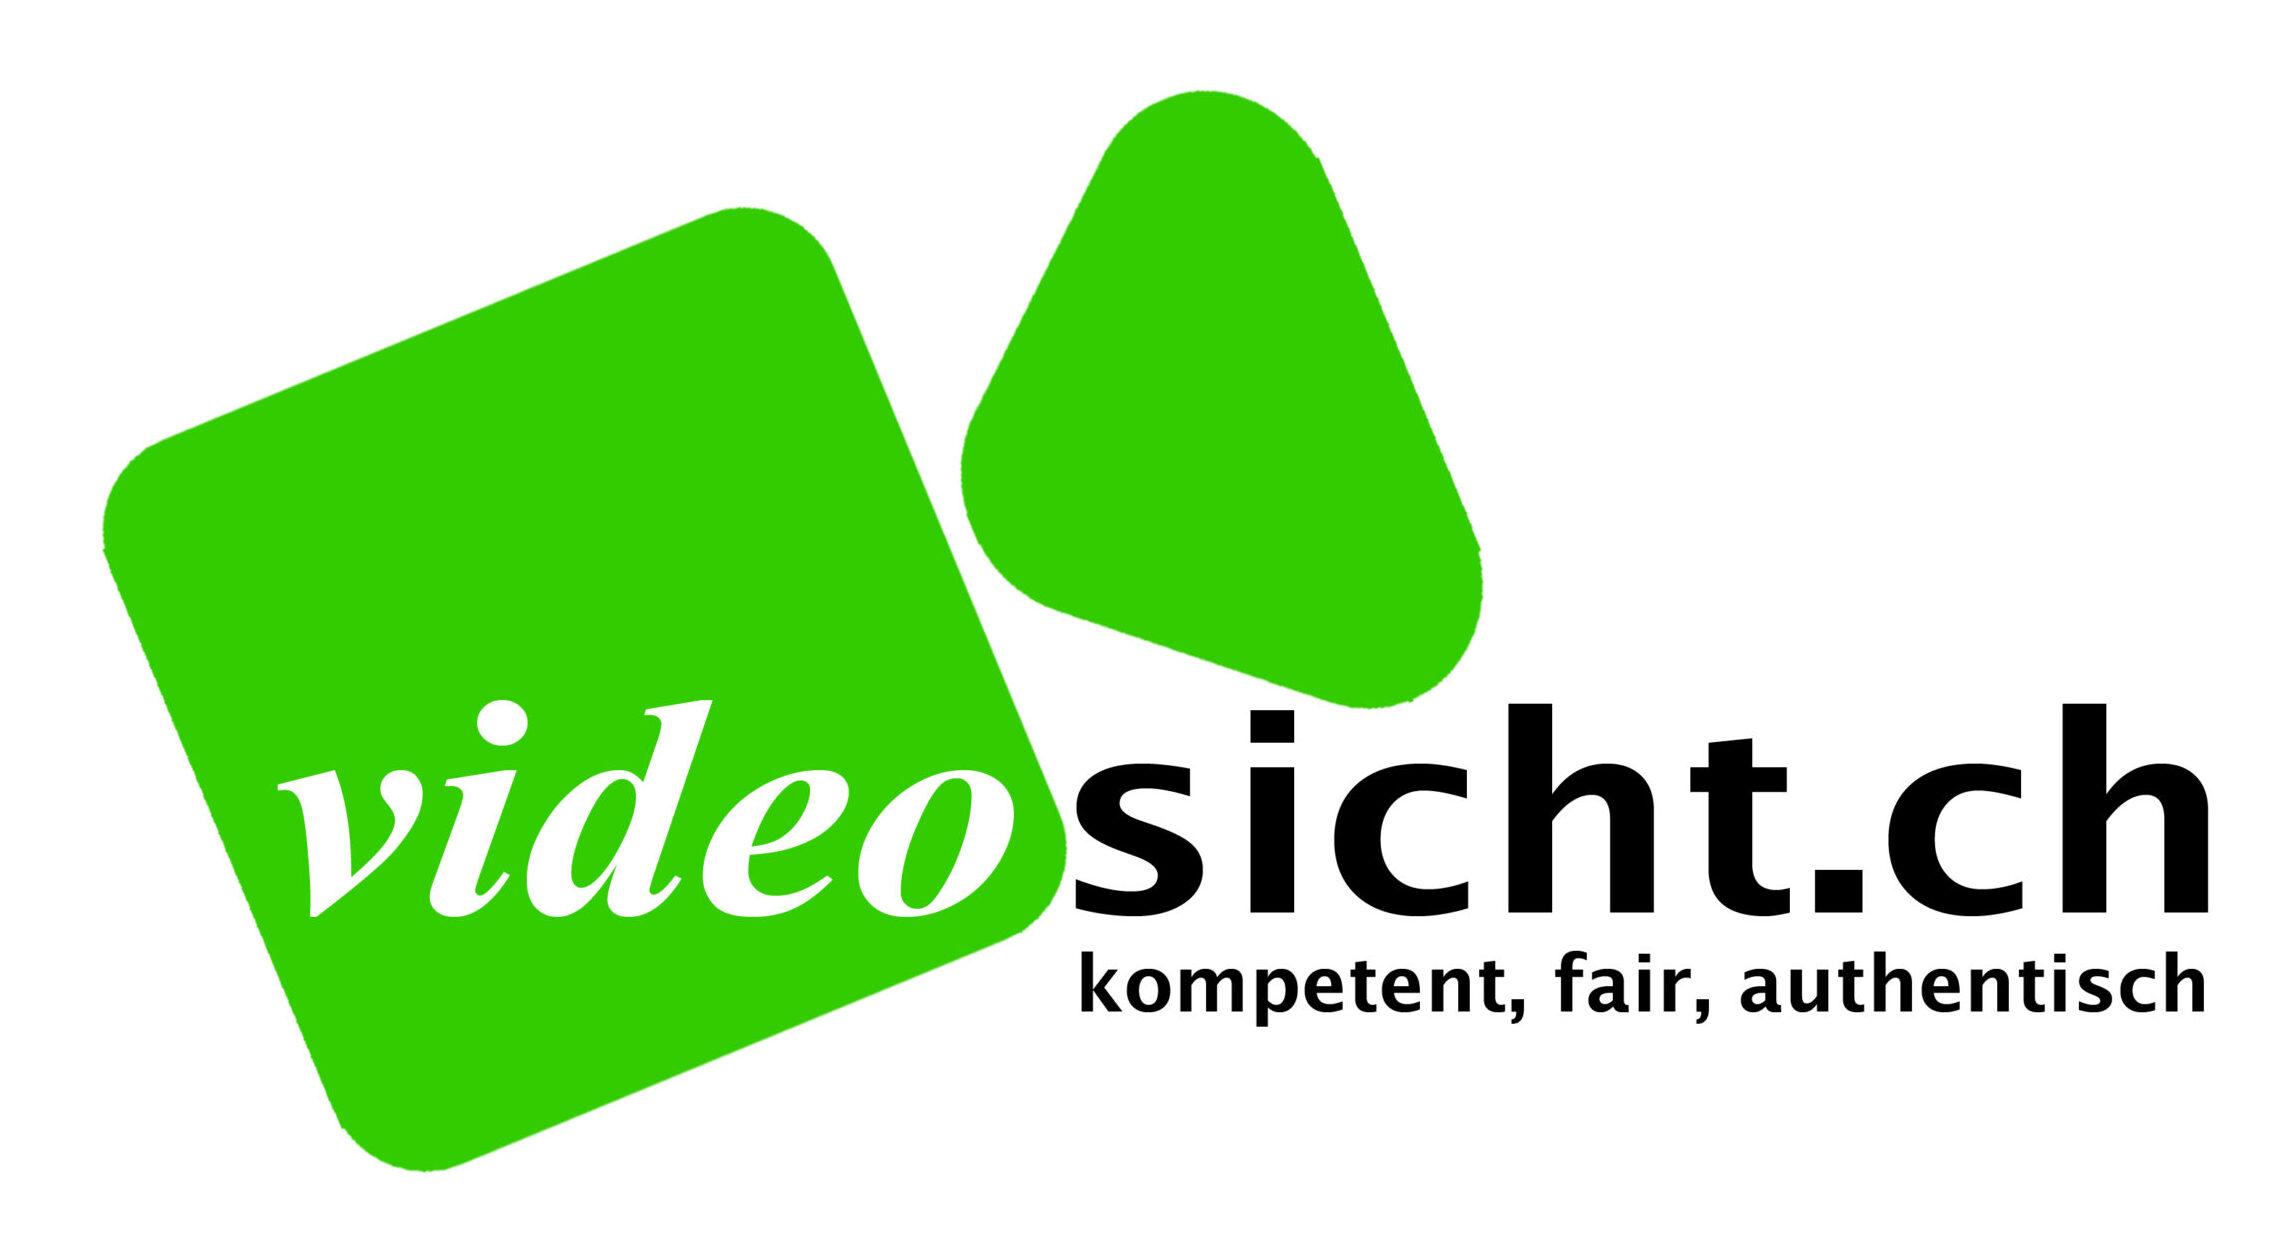 videosicht.ch